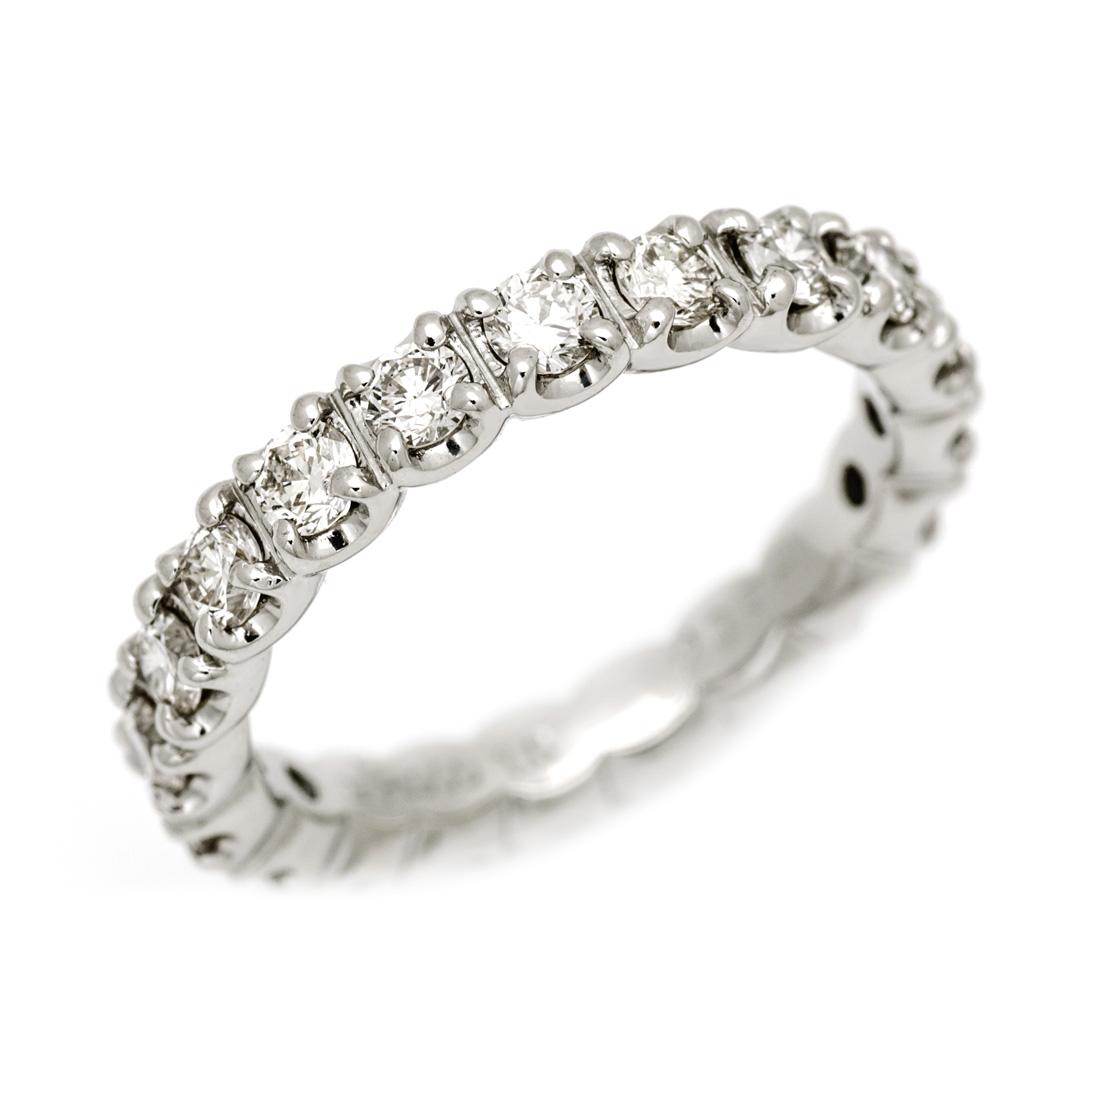 フルエタニティーリング ダイヤモンド 1カラット プラチナ900